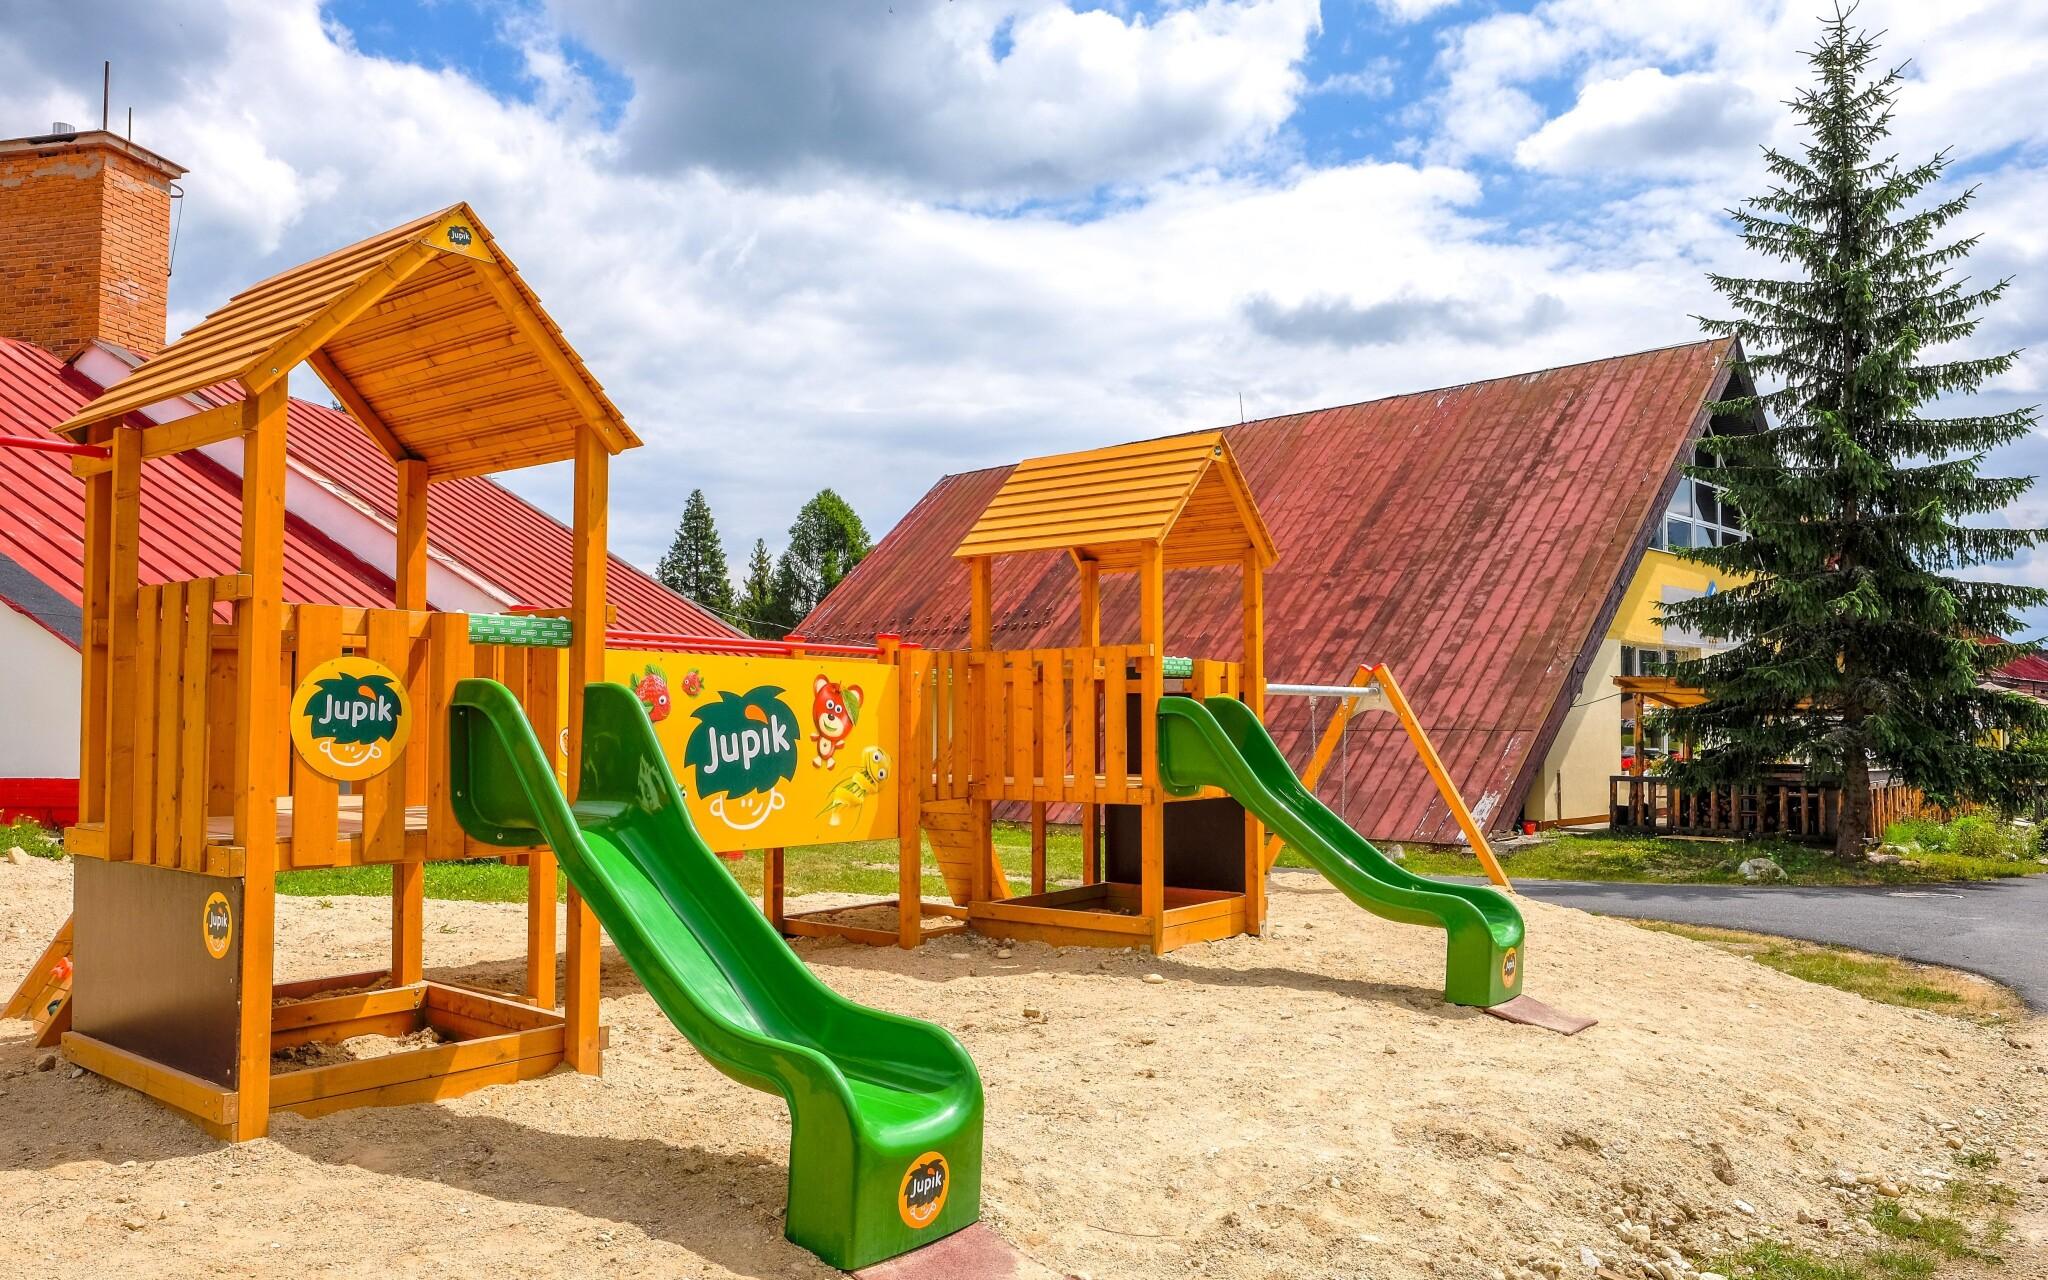 Líbit se tu bude také dětem - dětské hřiště